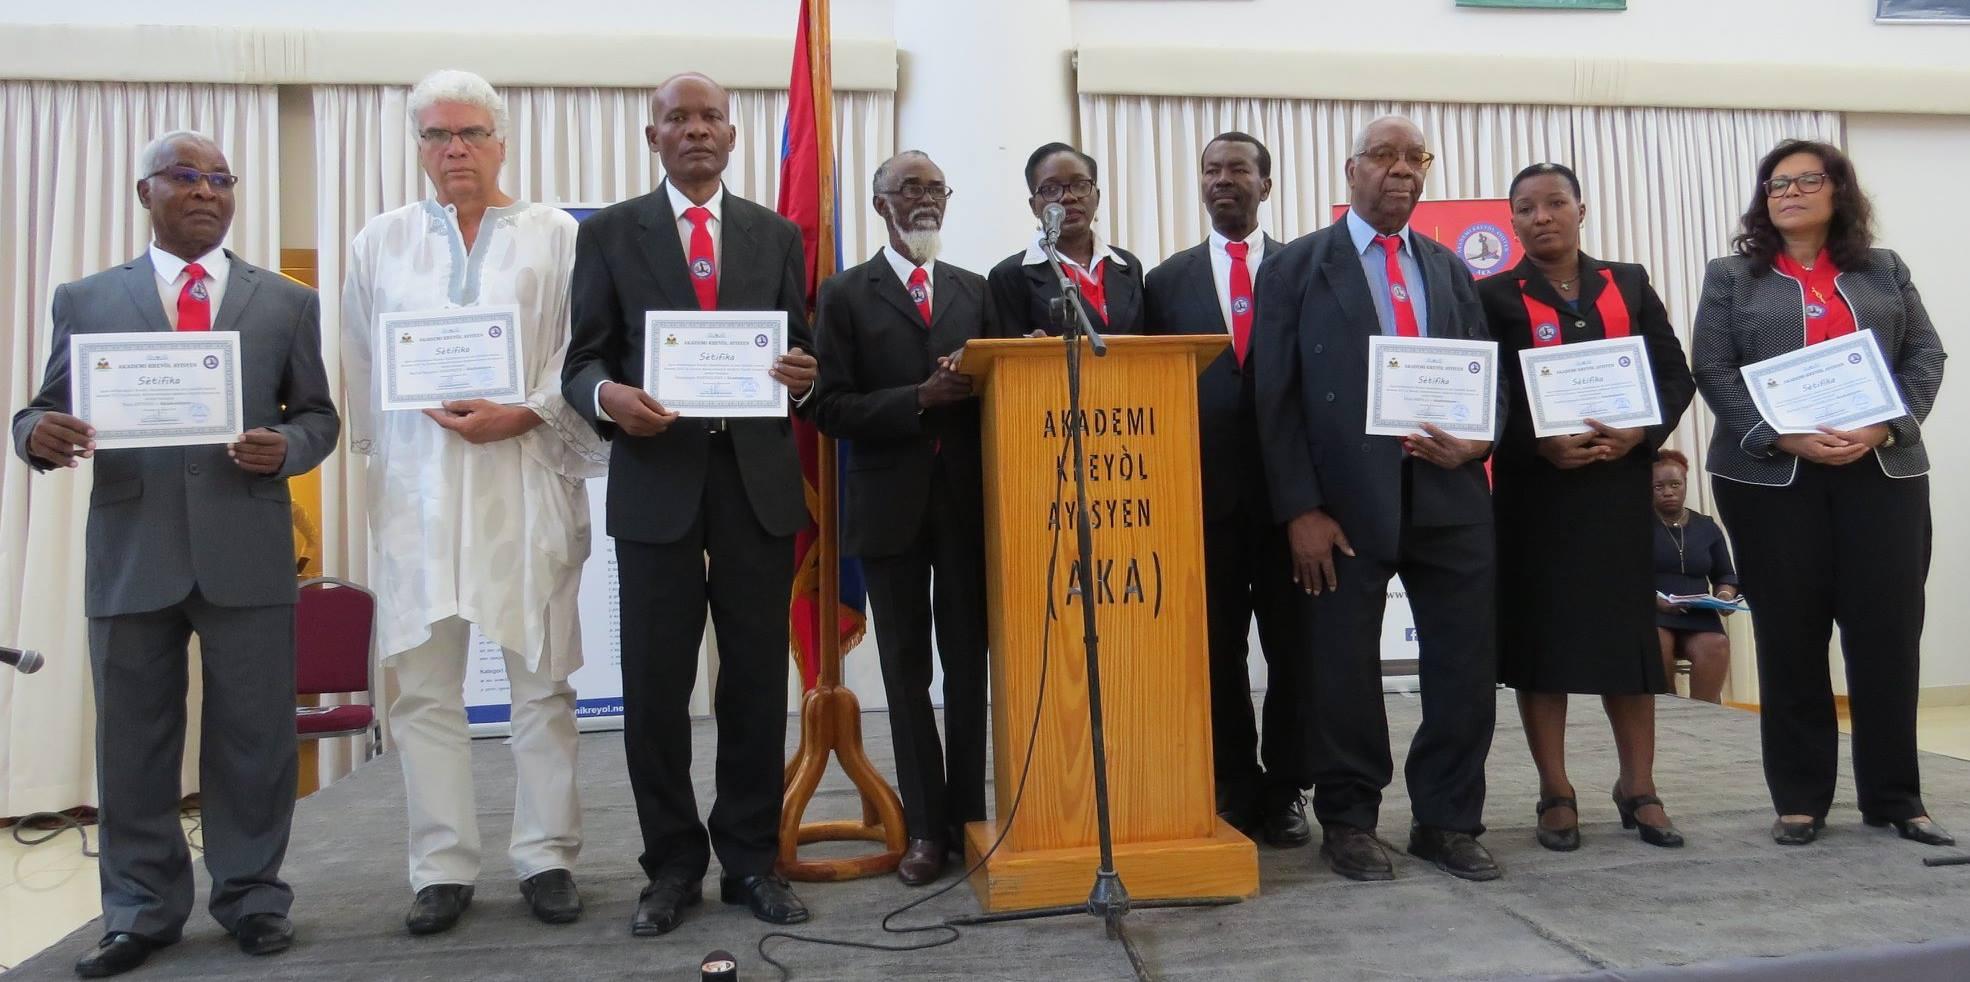 Les membres de l'AKA. Photo:AKA